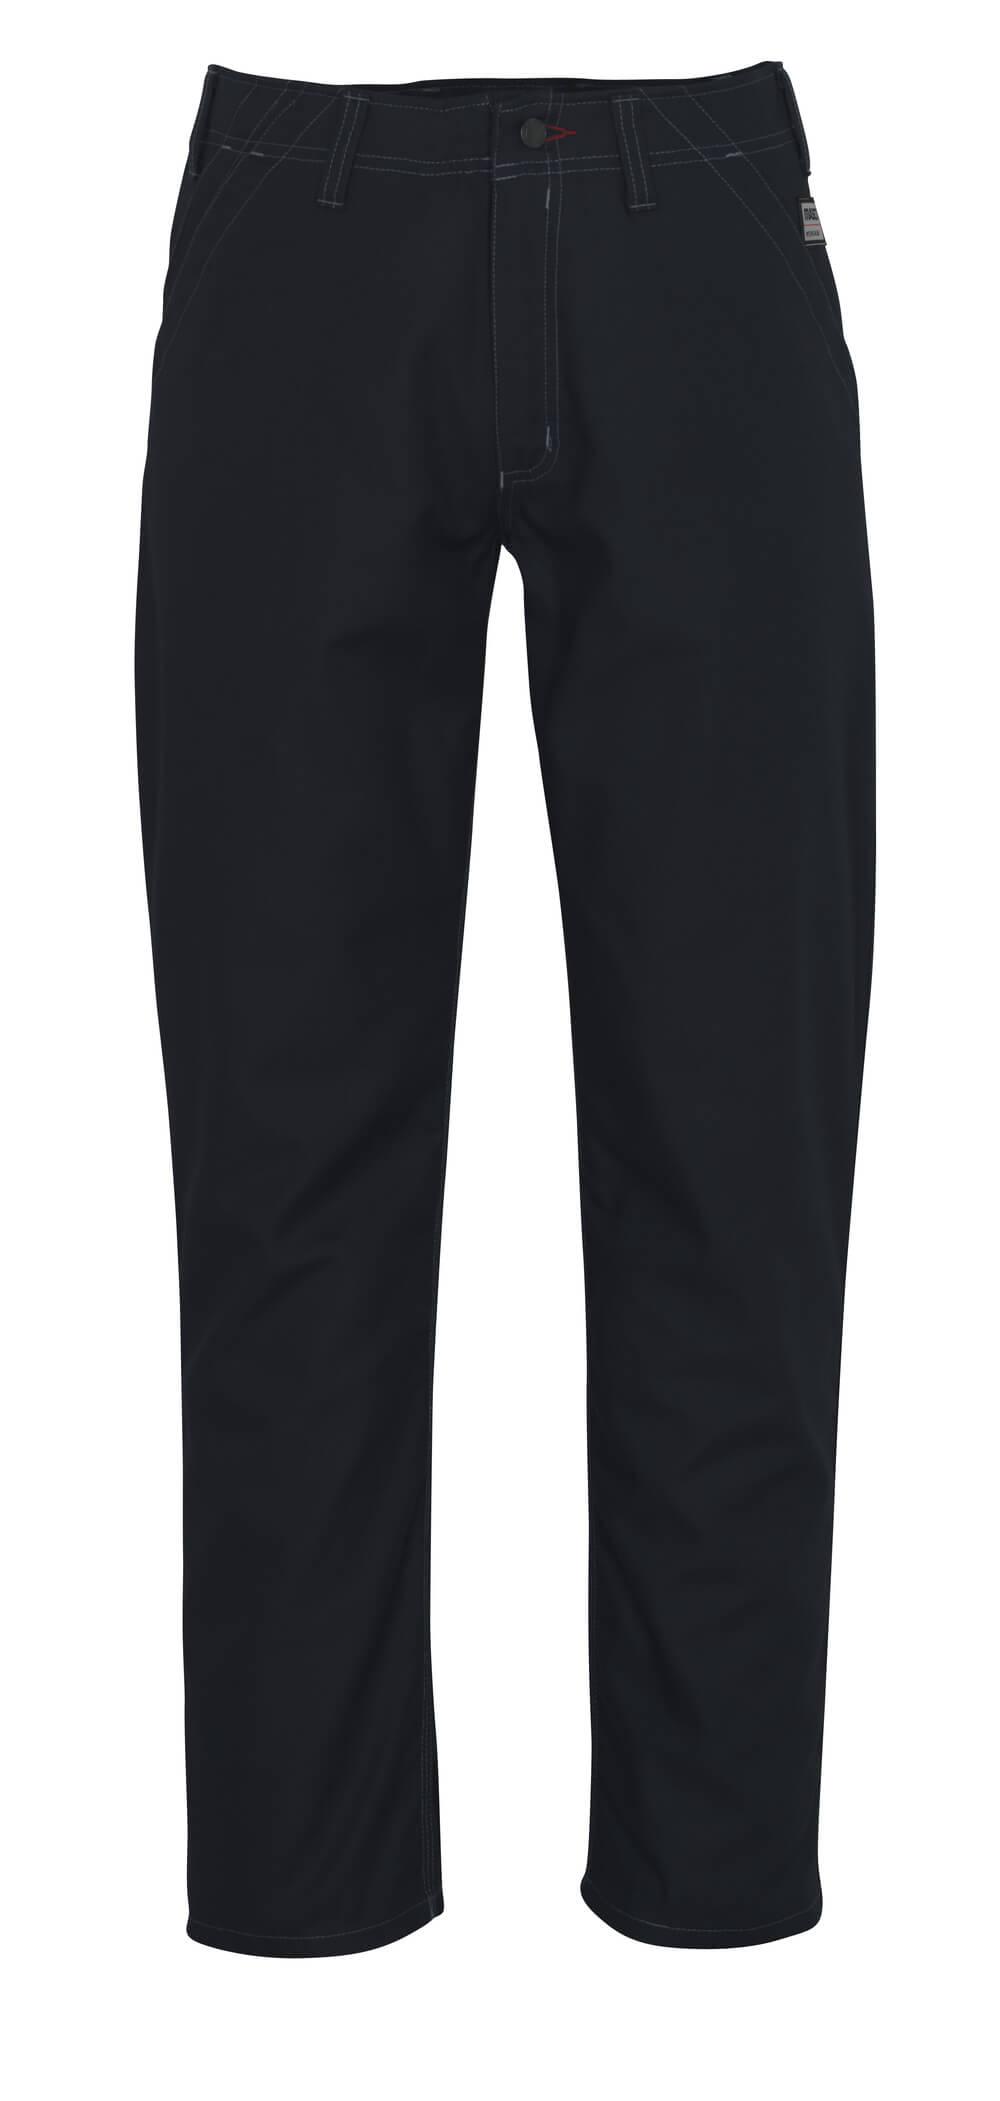 09279-154-010 Spodnie - ciemny granat